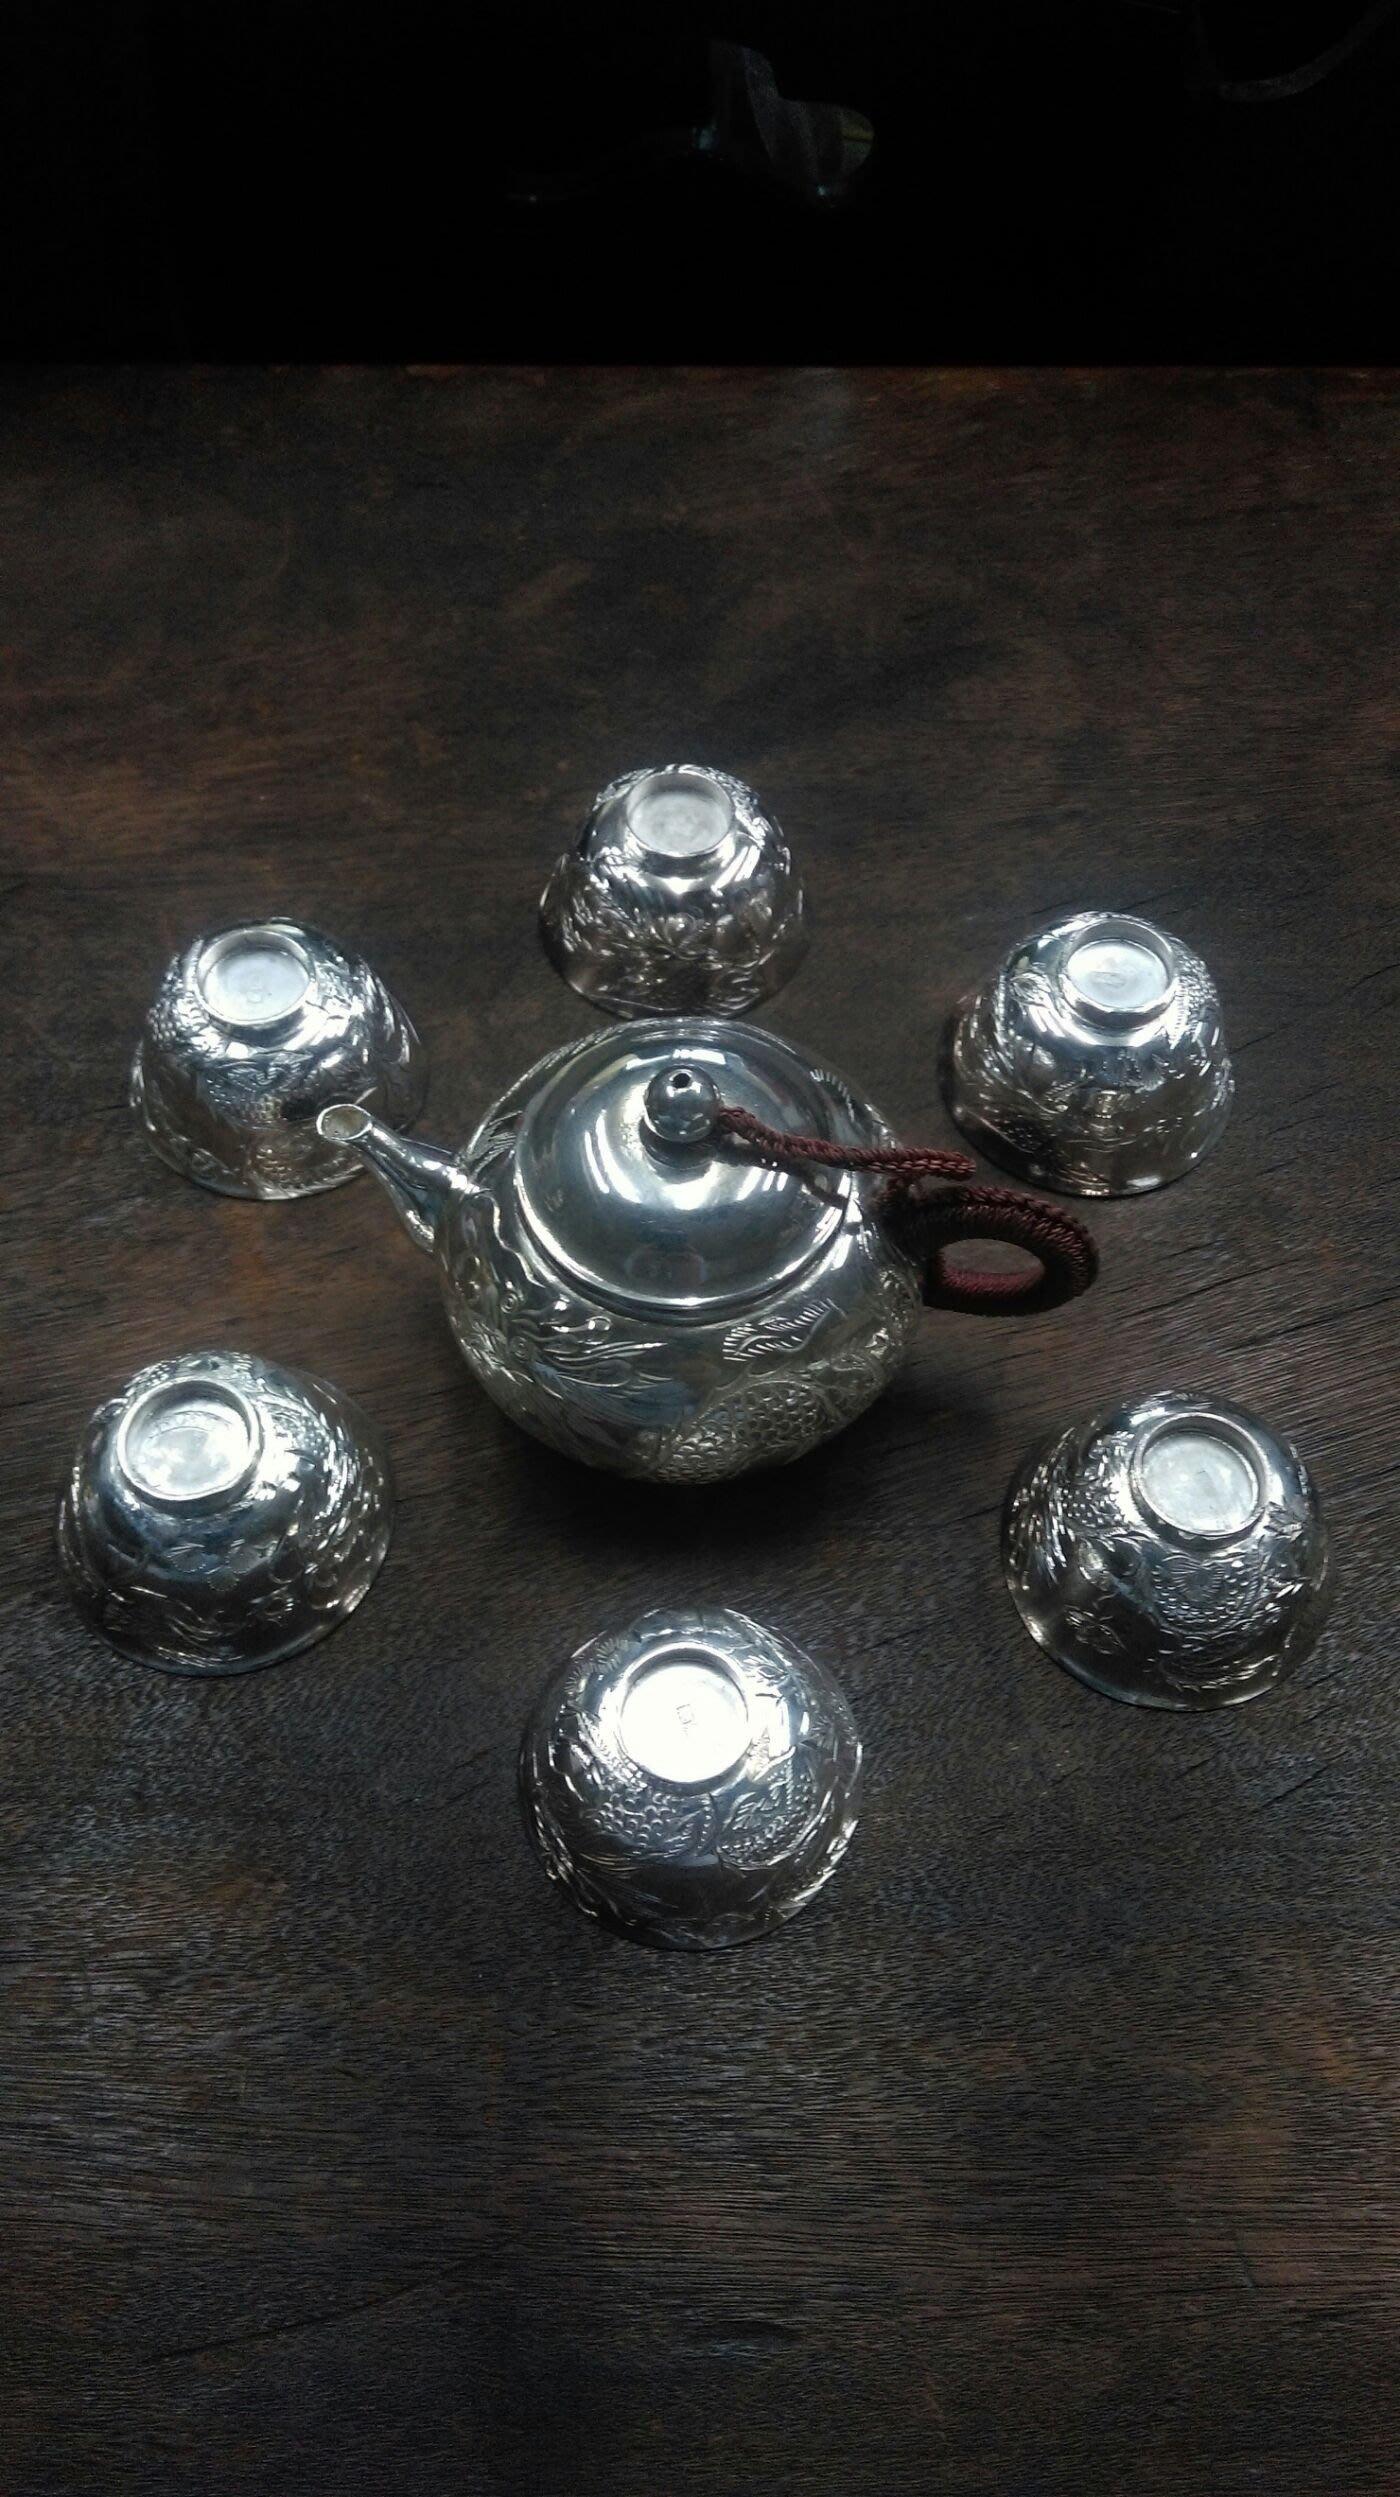 大草原典藏,台灣60年代純銀,水林老銀壺組,